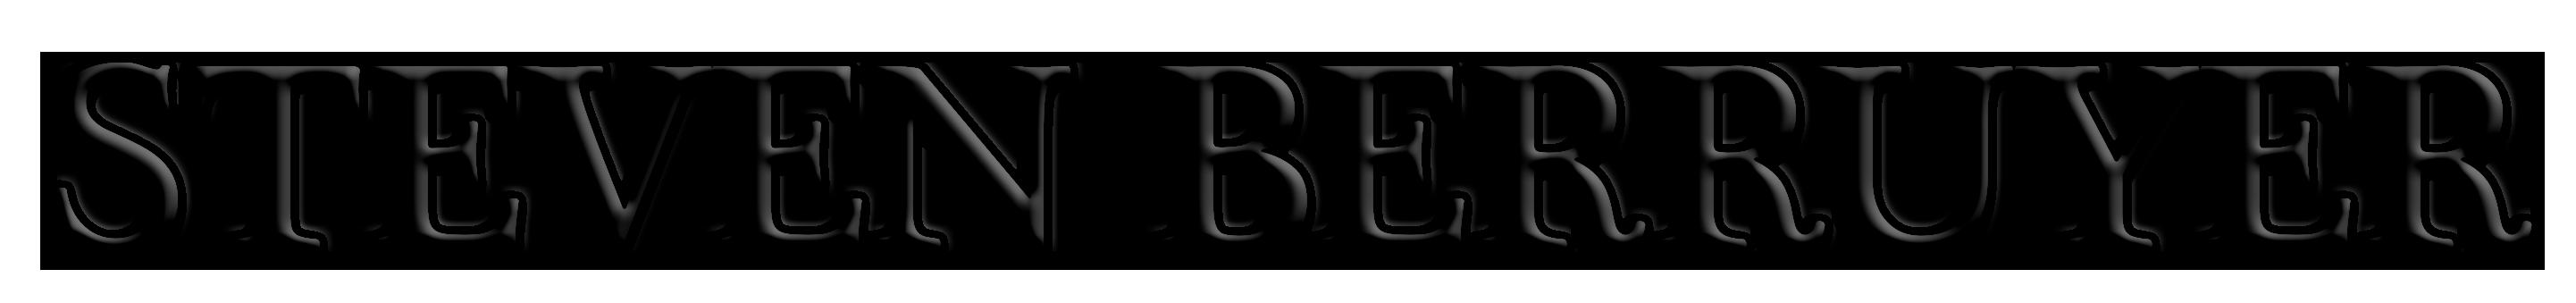 Steven Berruyer Photographe Logo